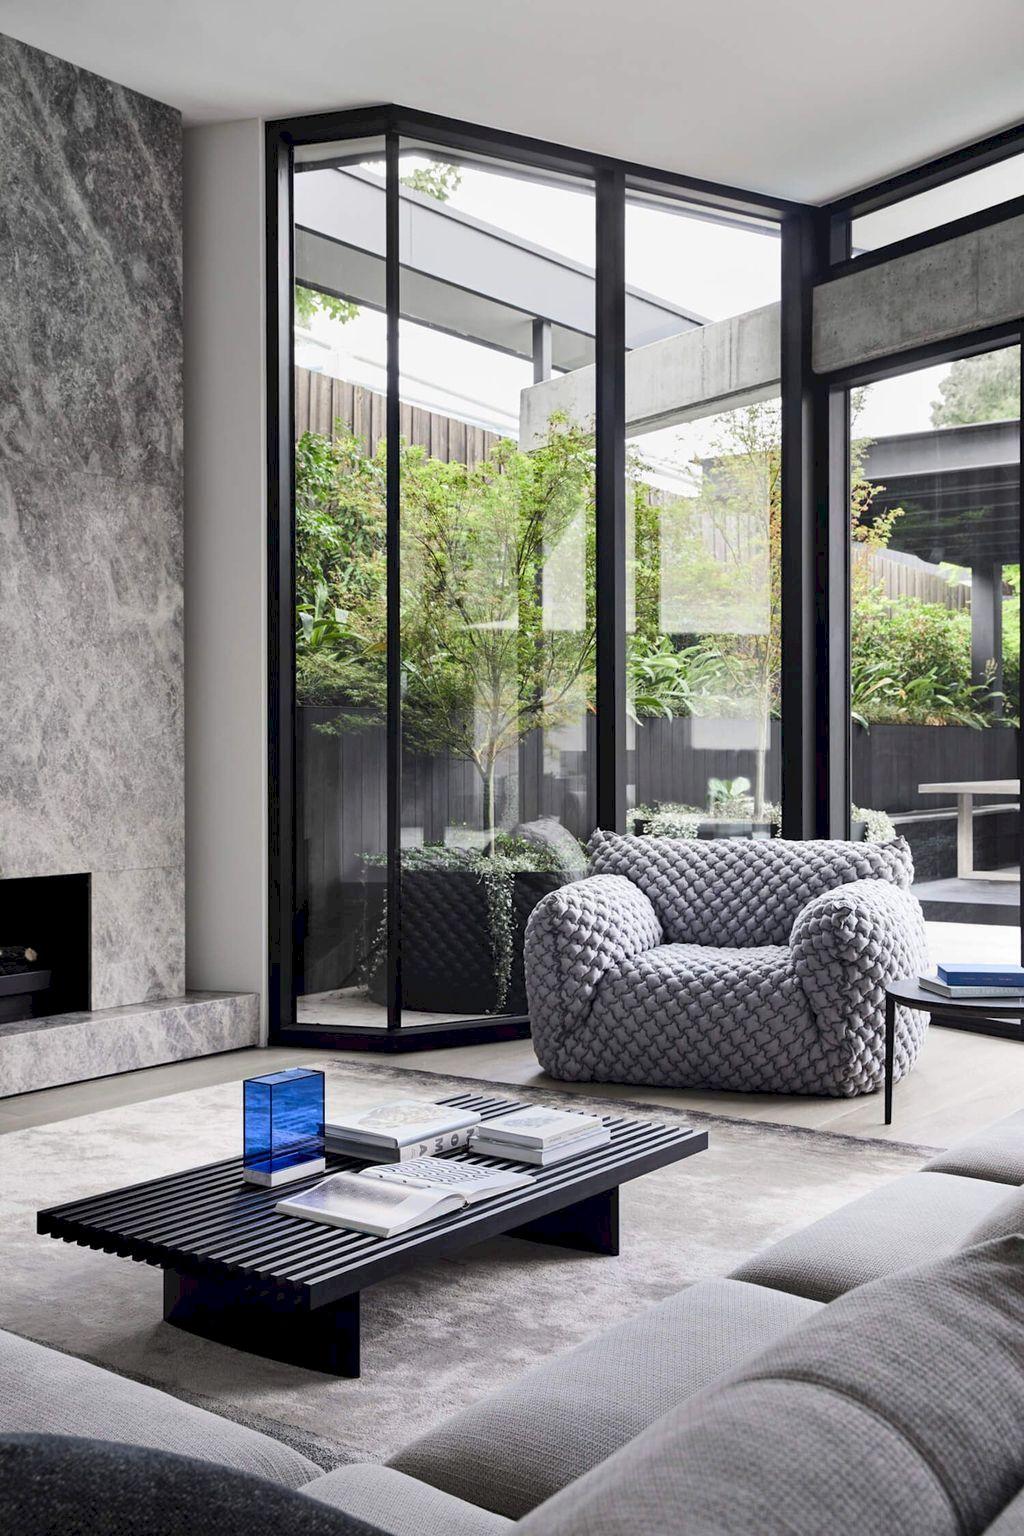 Awesome contemporary living room decor ideas 04